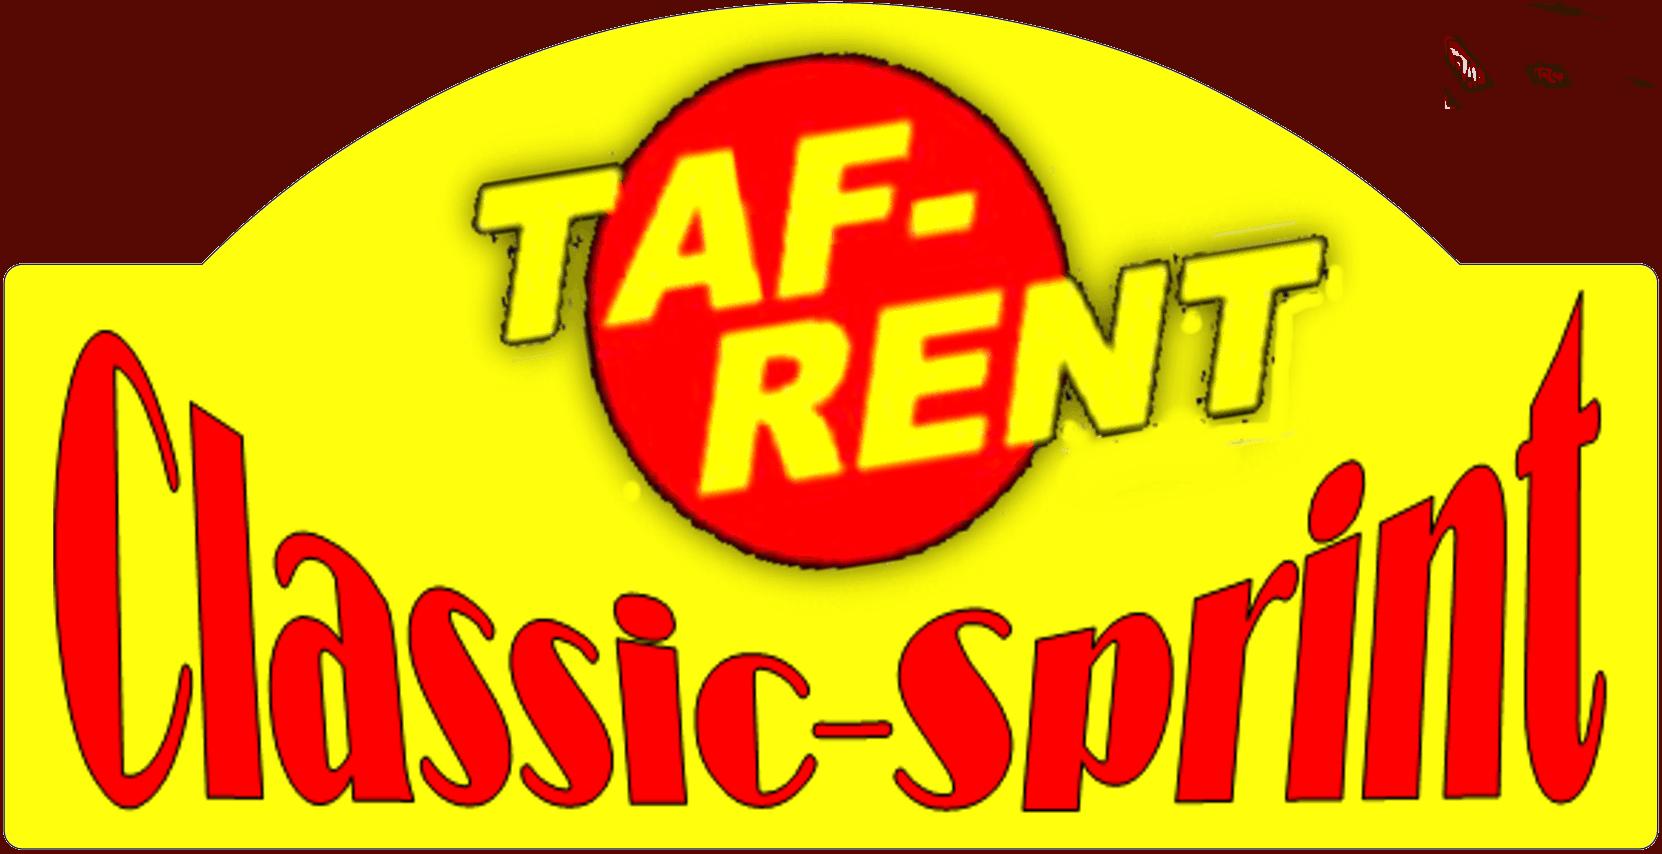 Logo TAFRENT Classic Sprint 2020 DE 1662x854 1